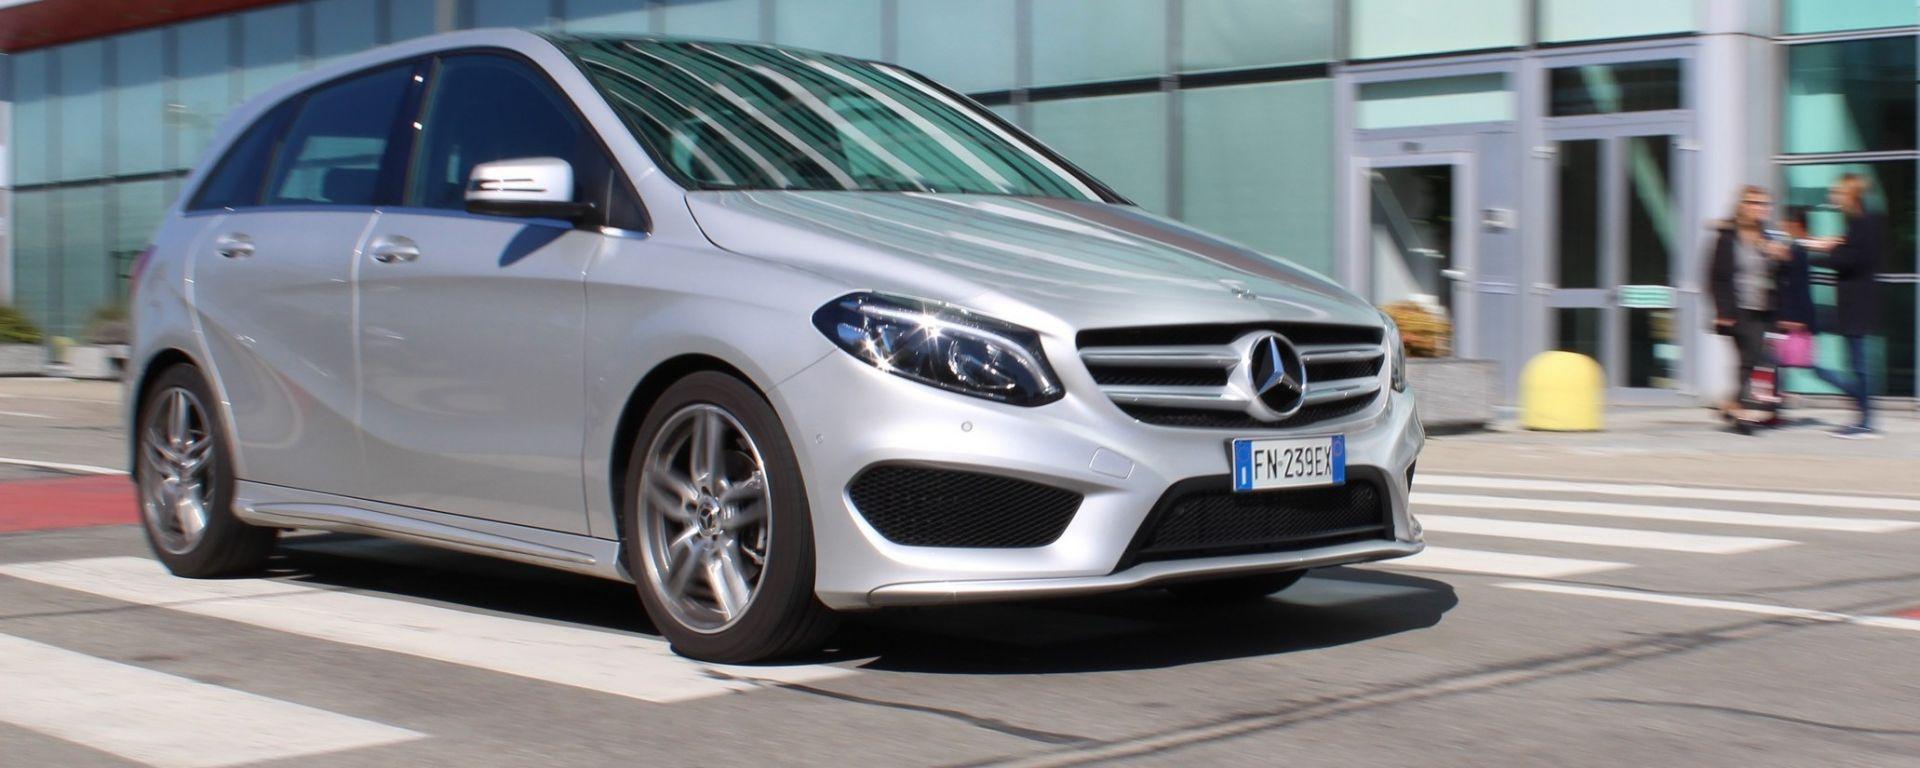 Mercedes Classe B 200 d Premium Tech: prova su strada